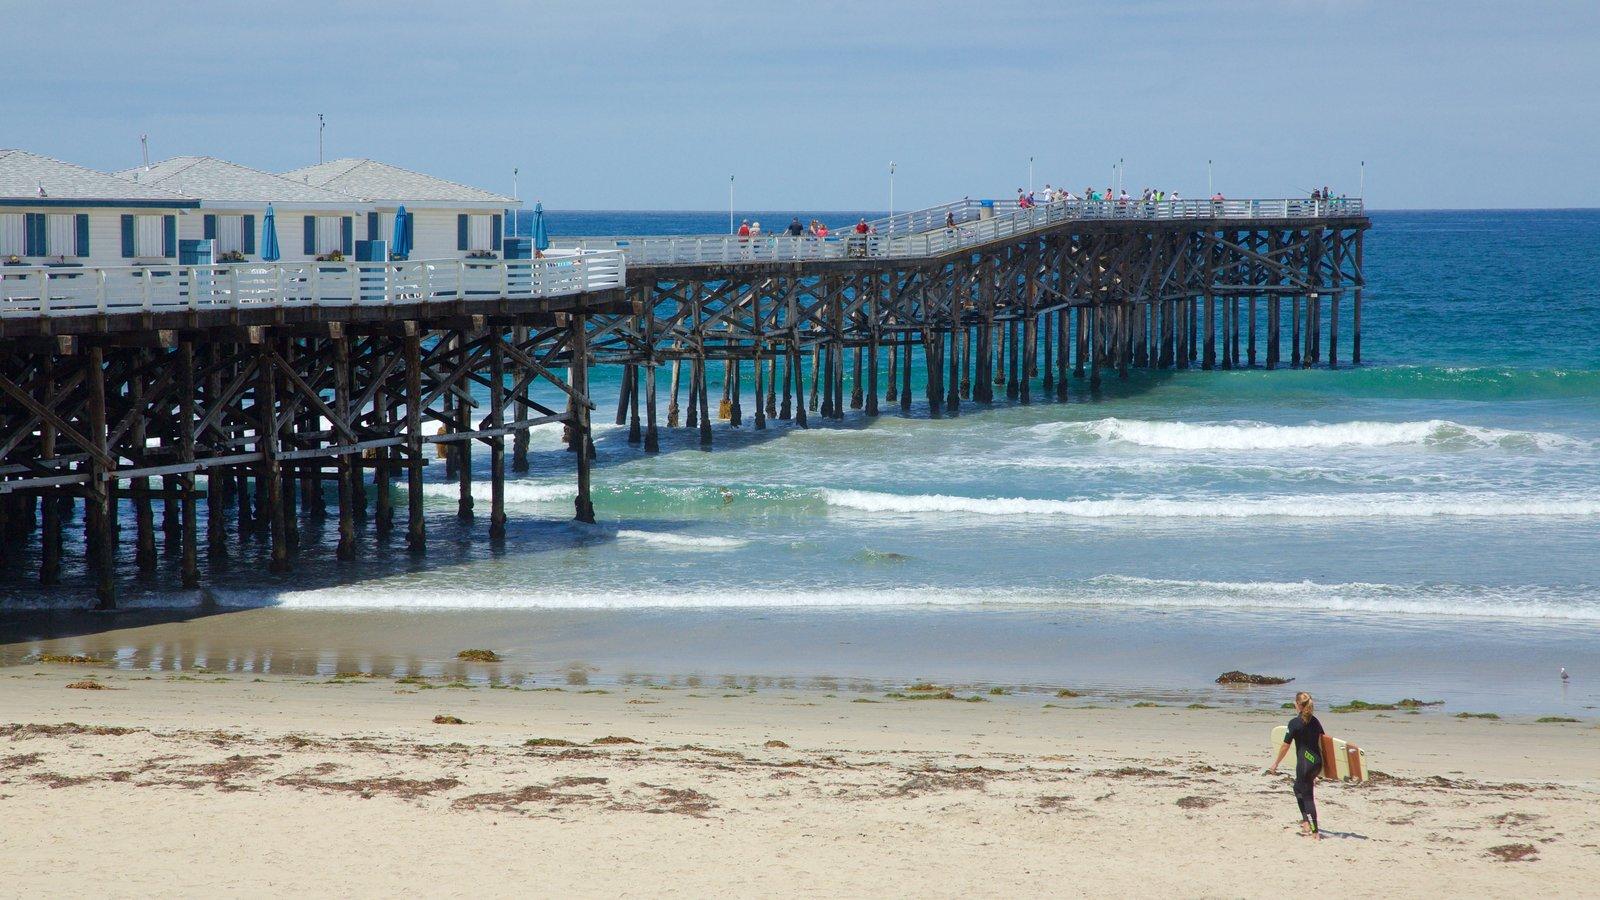 Pacific Beach Park que inclui uma praia de areia